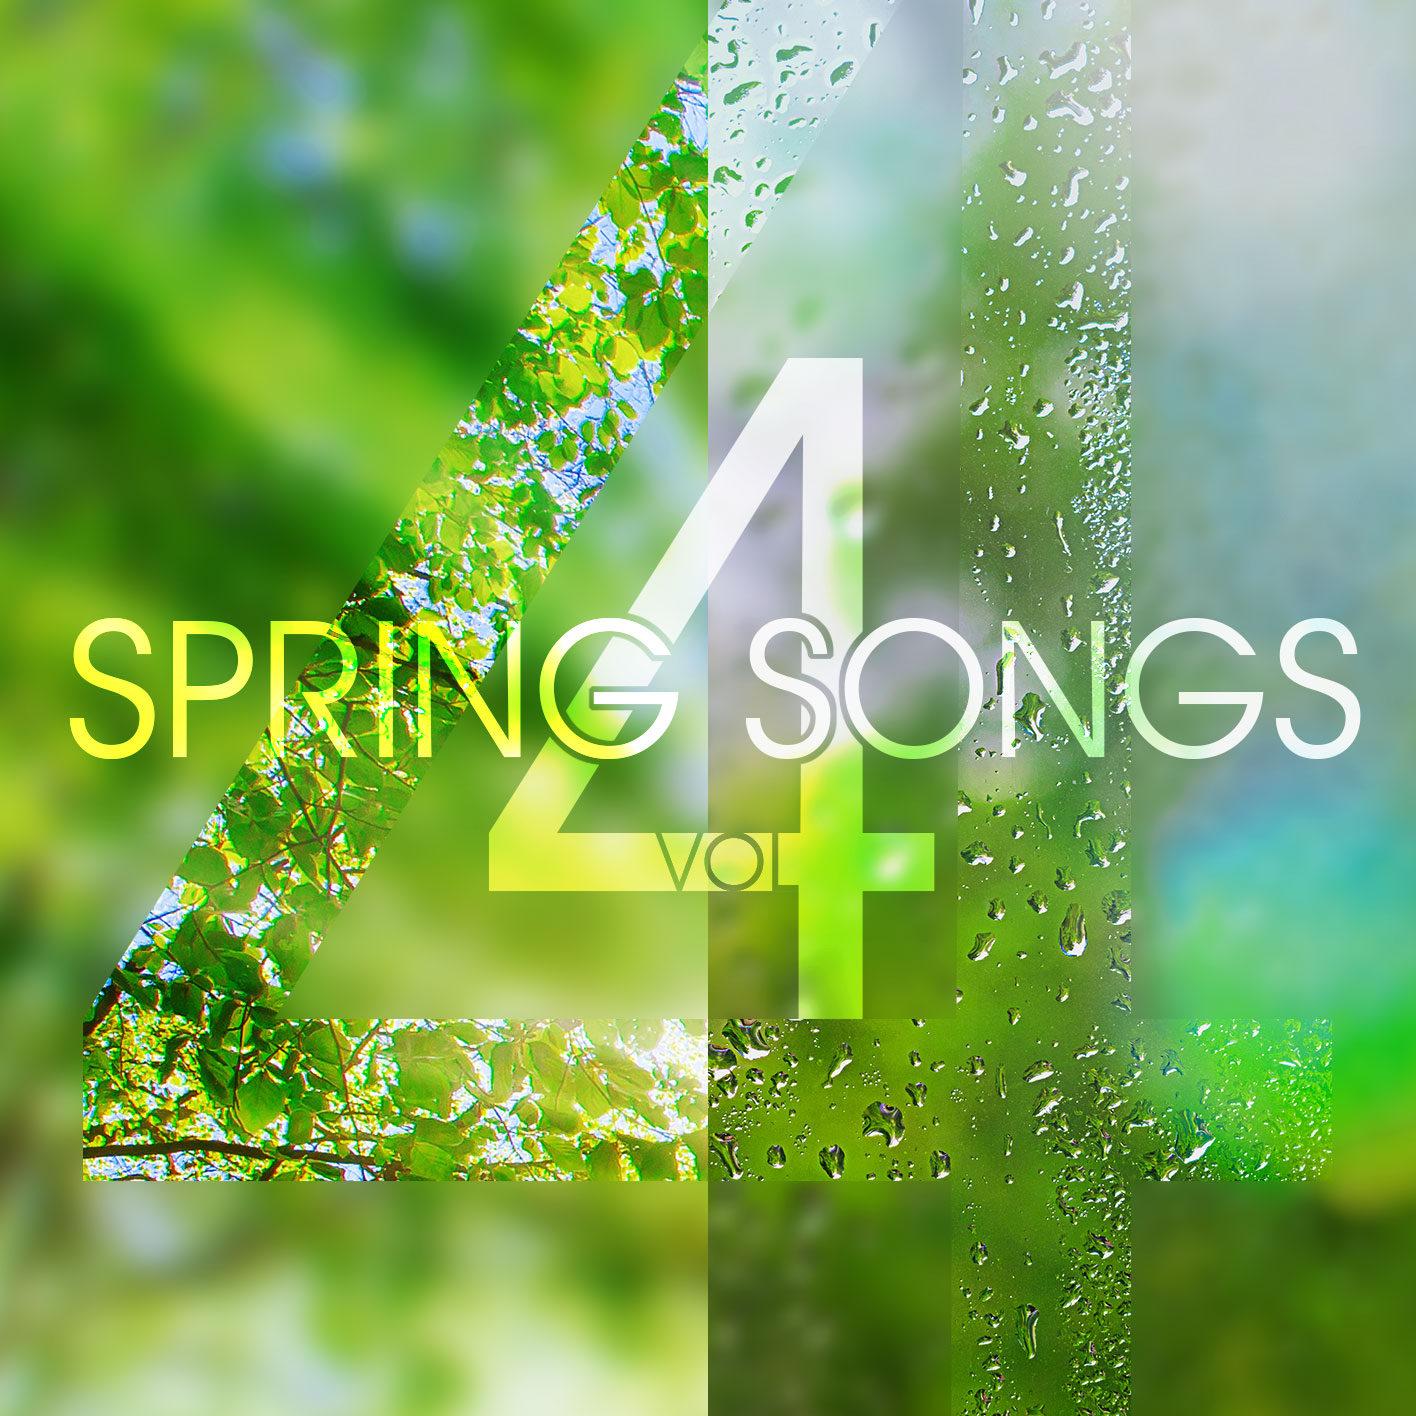 Spring-Songs-vol-4